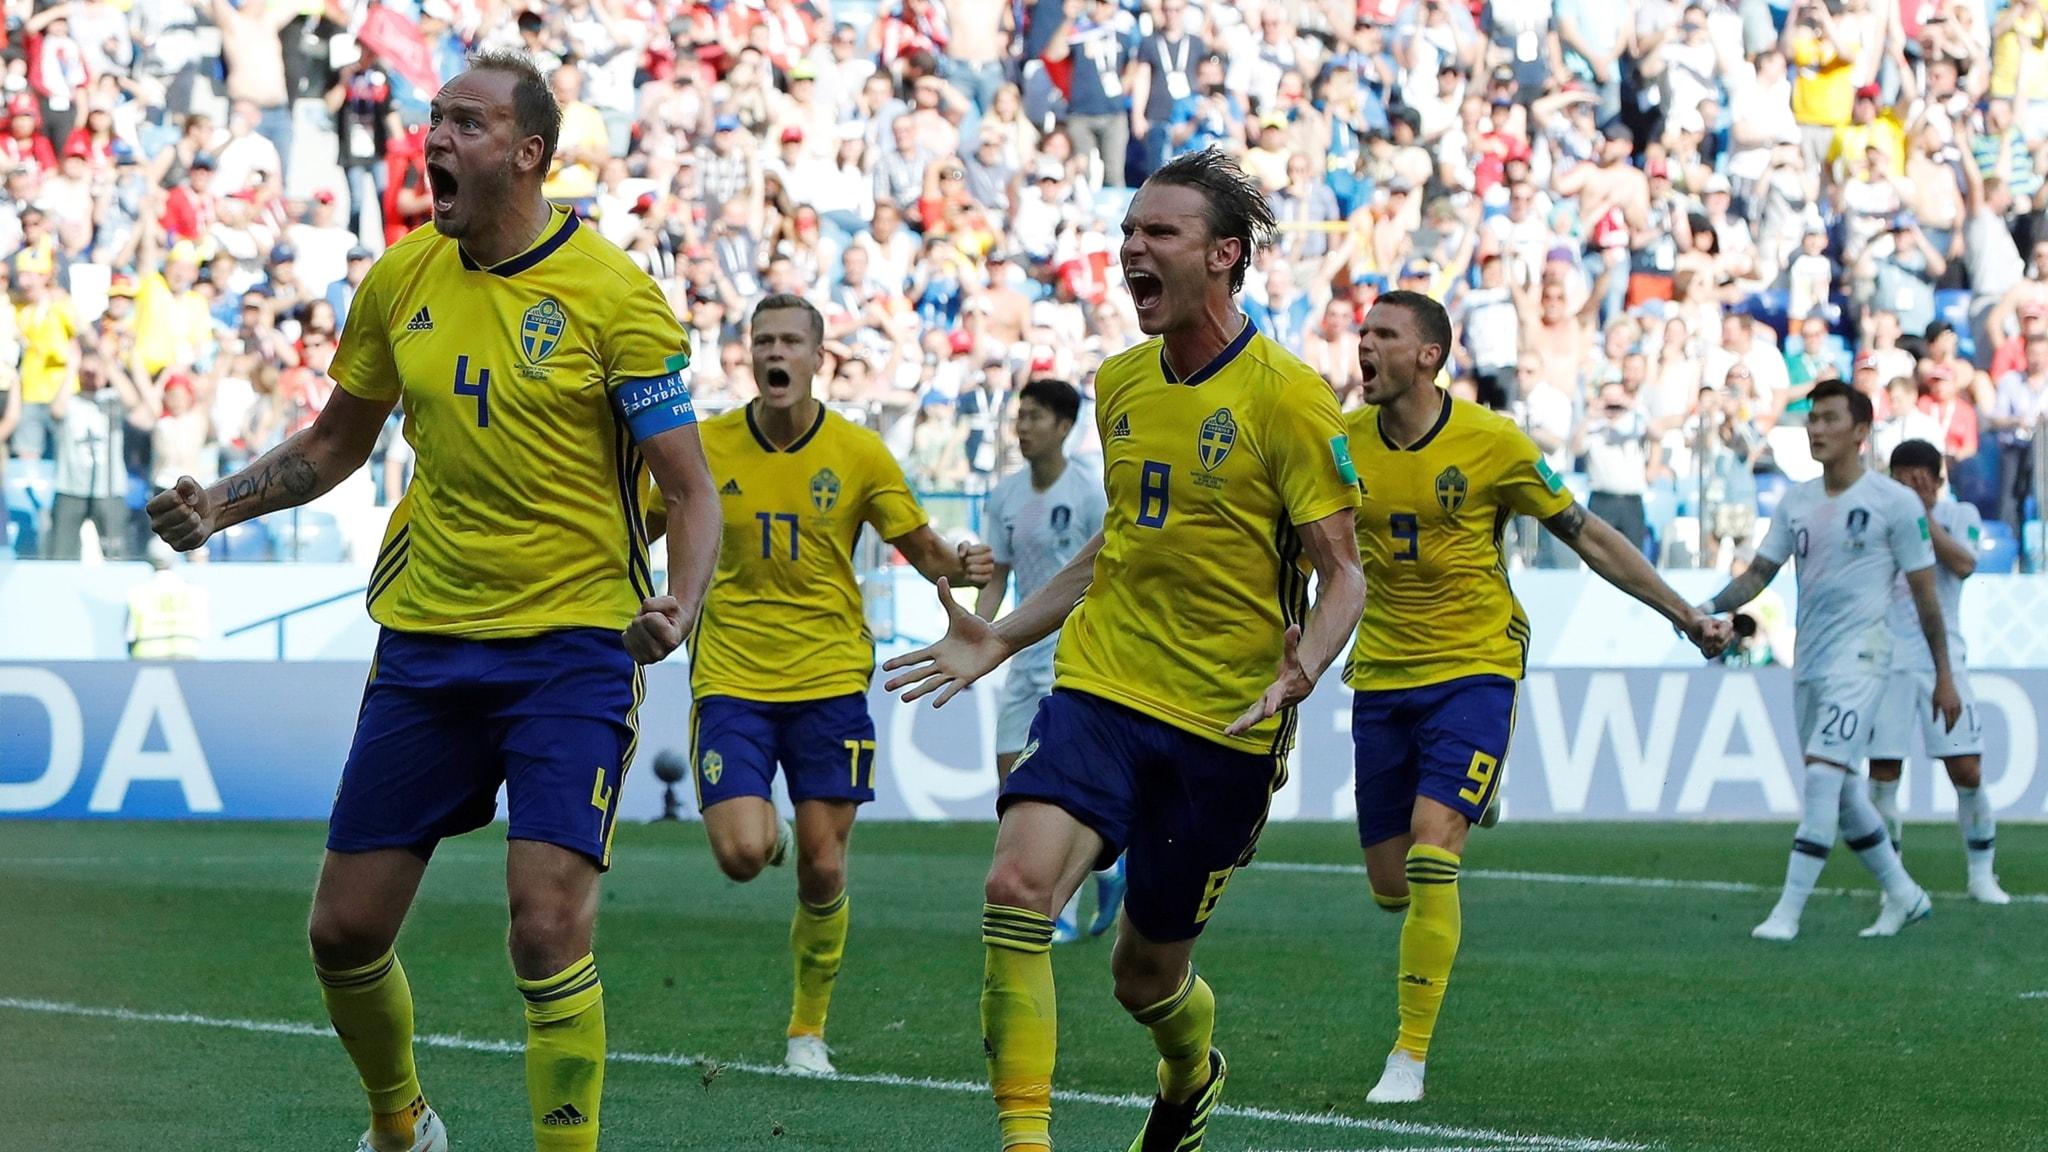 Sweden beats S. Korea, Sweden Democrats want out of EU, rainy Midsummer